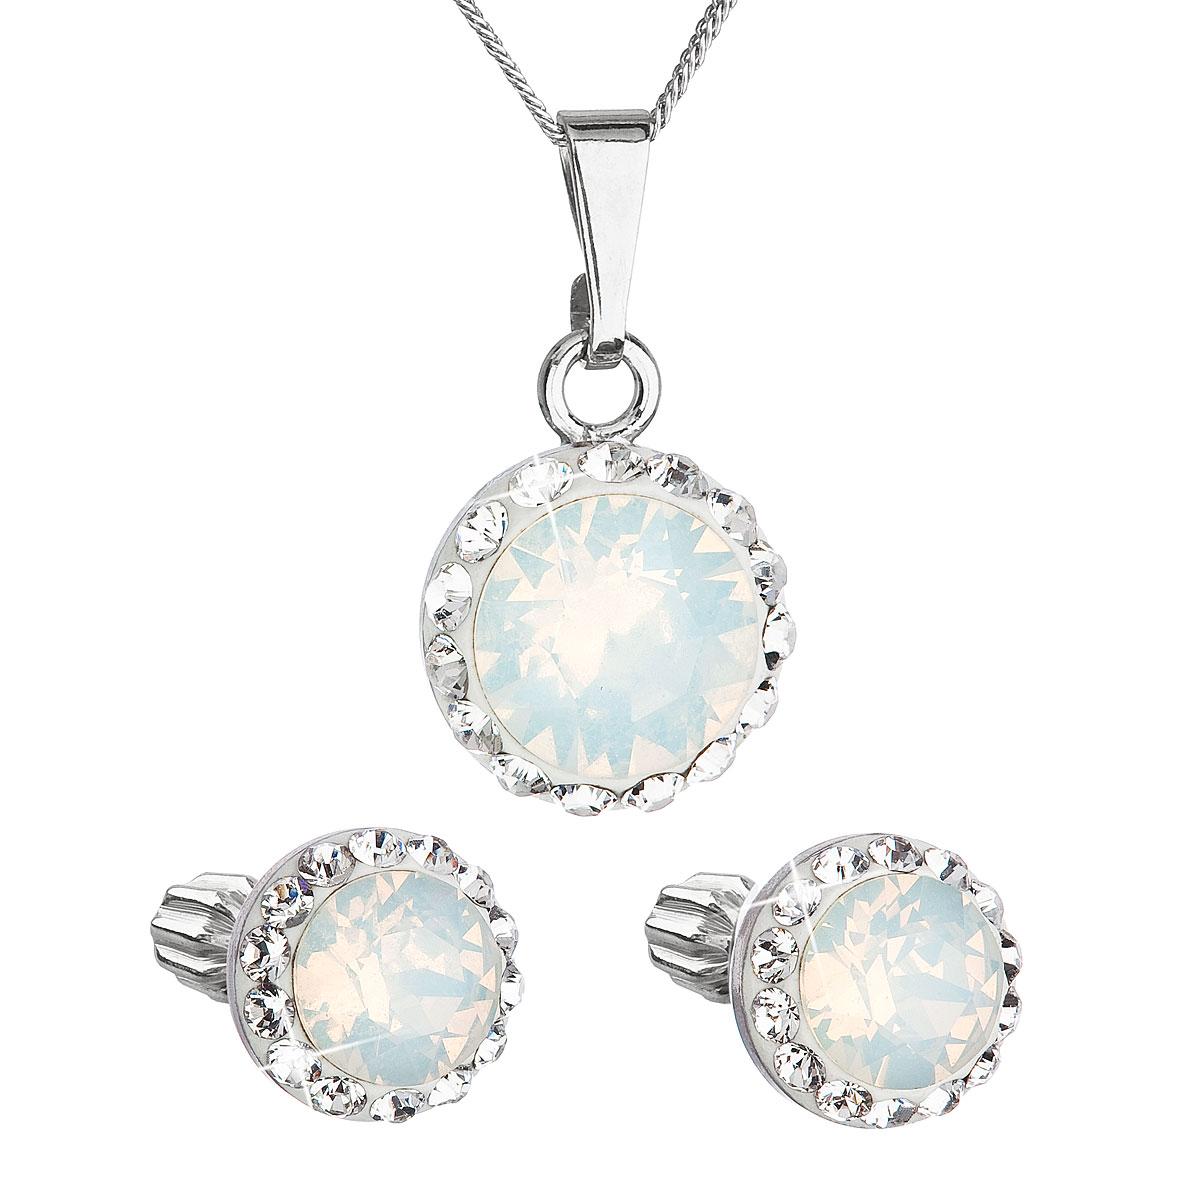 Sada šperkov s krištálmi Swarovski náušnice,retiazka a prívesok biele opálové okrúhle 39352.7